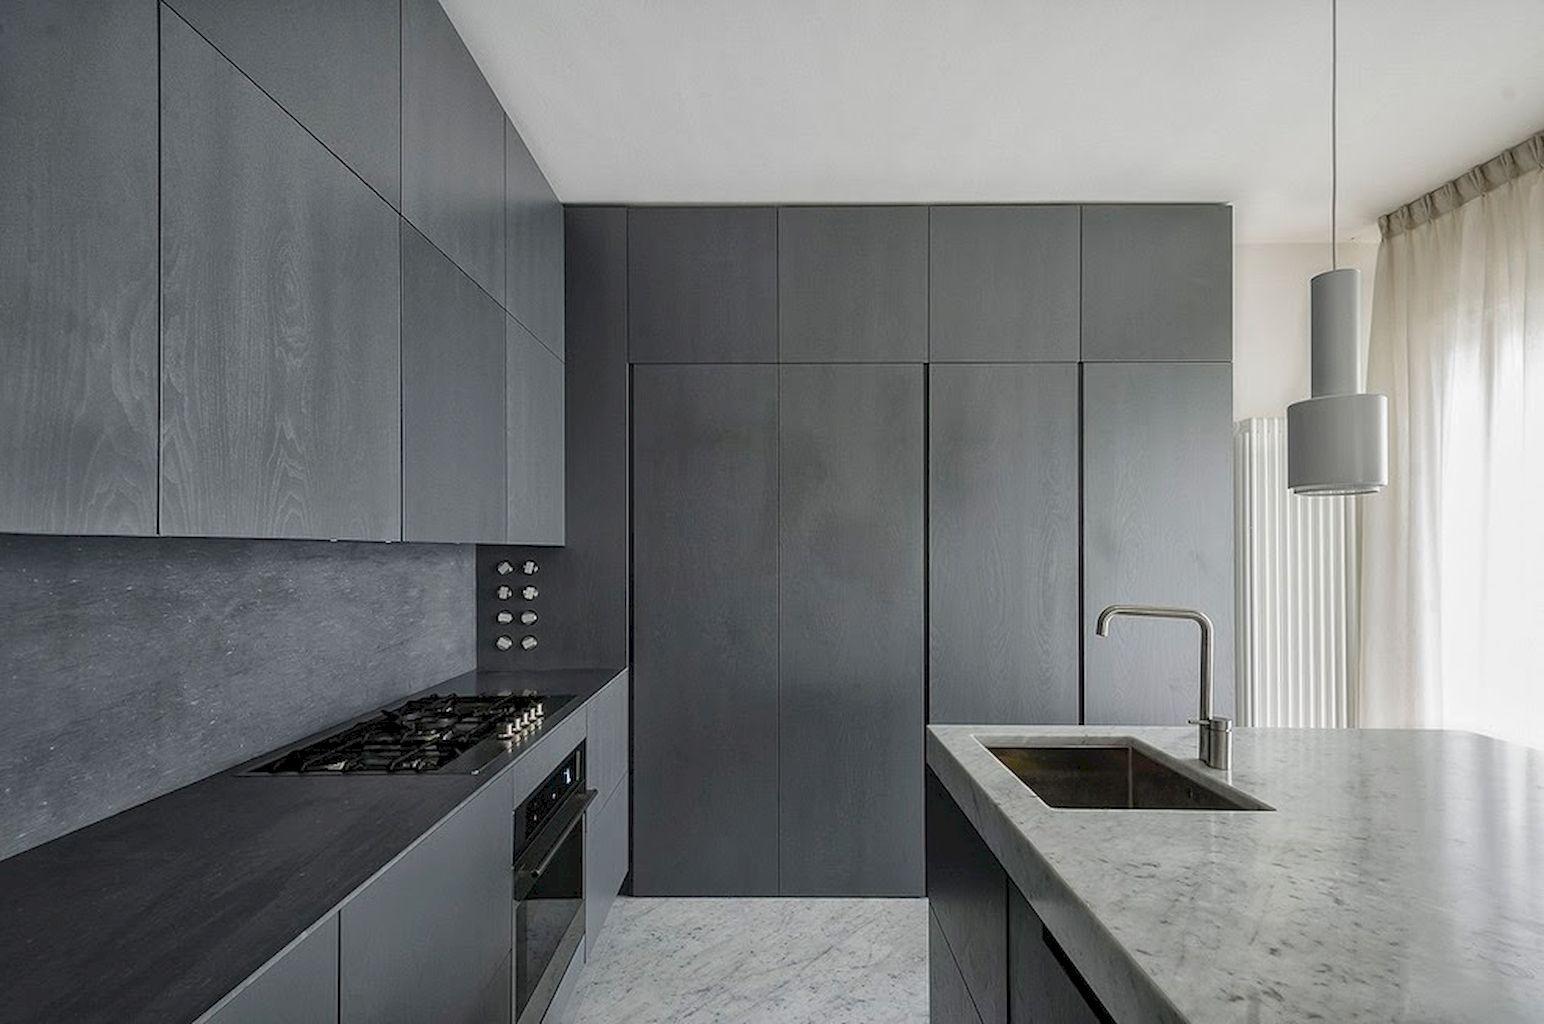 75 Minimalist Kitchen Design Trends